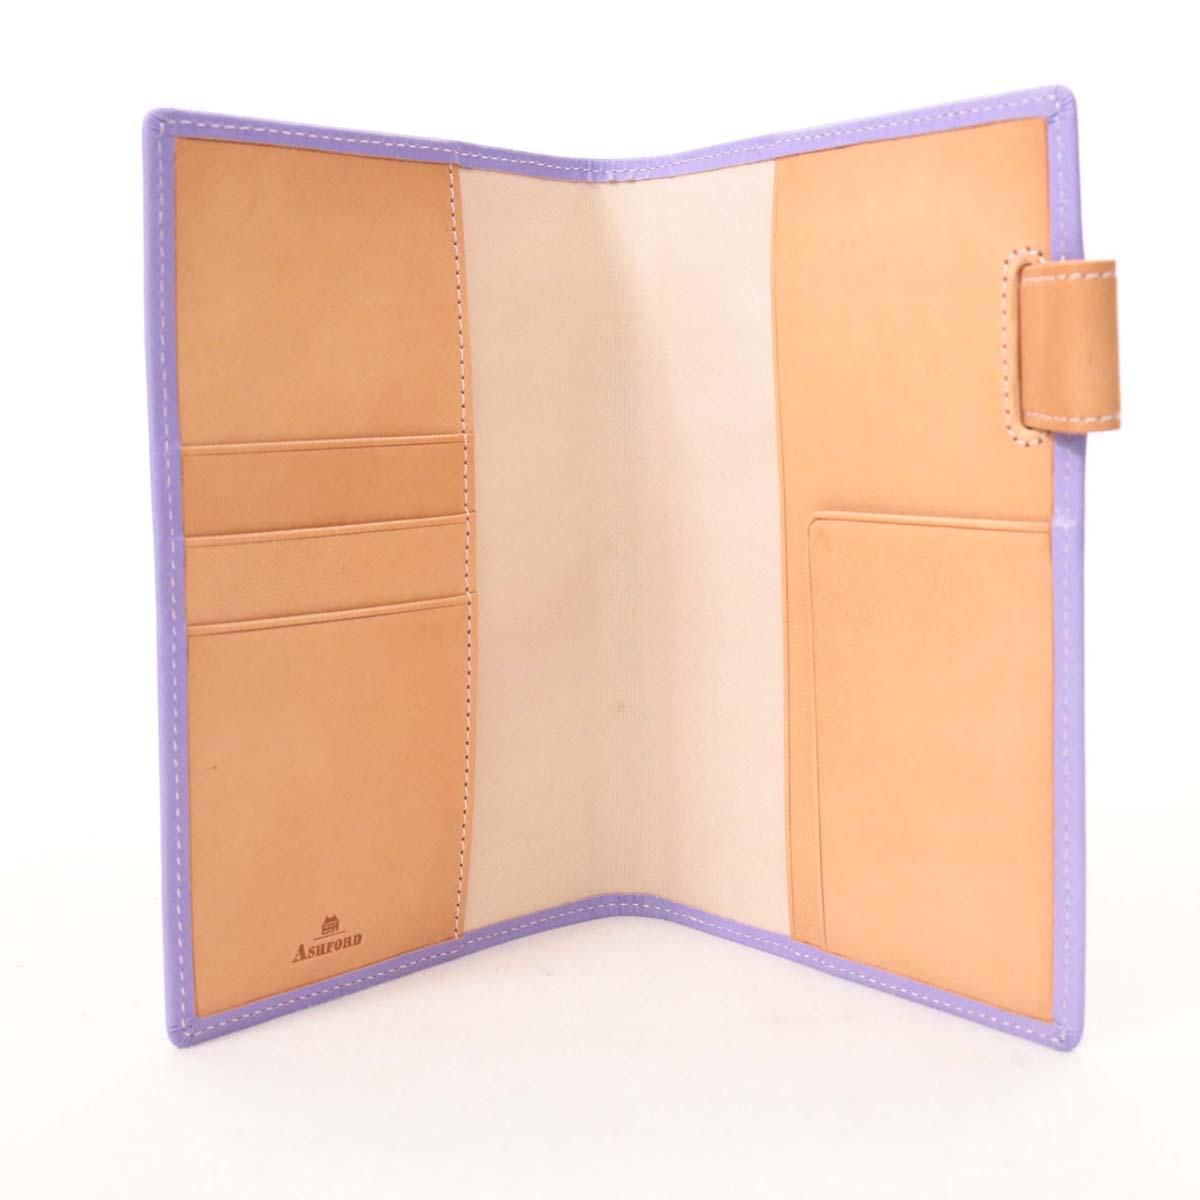 【中古】未使用品☆アッシュフォード 手帳カバー☆  パープル/紫/13650-CH0818